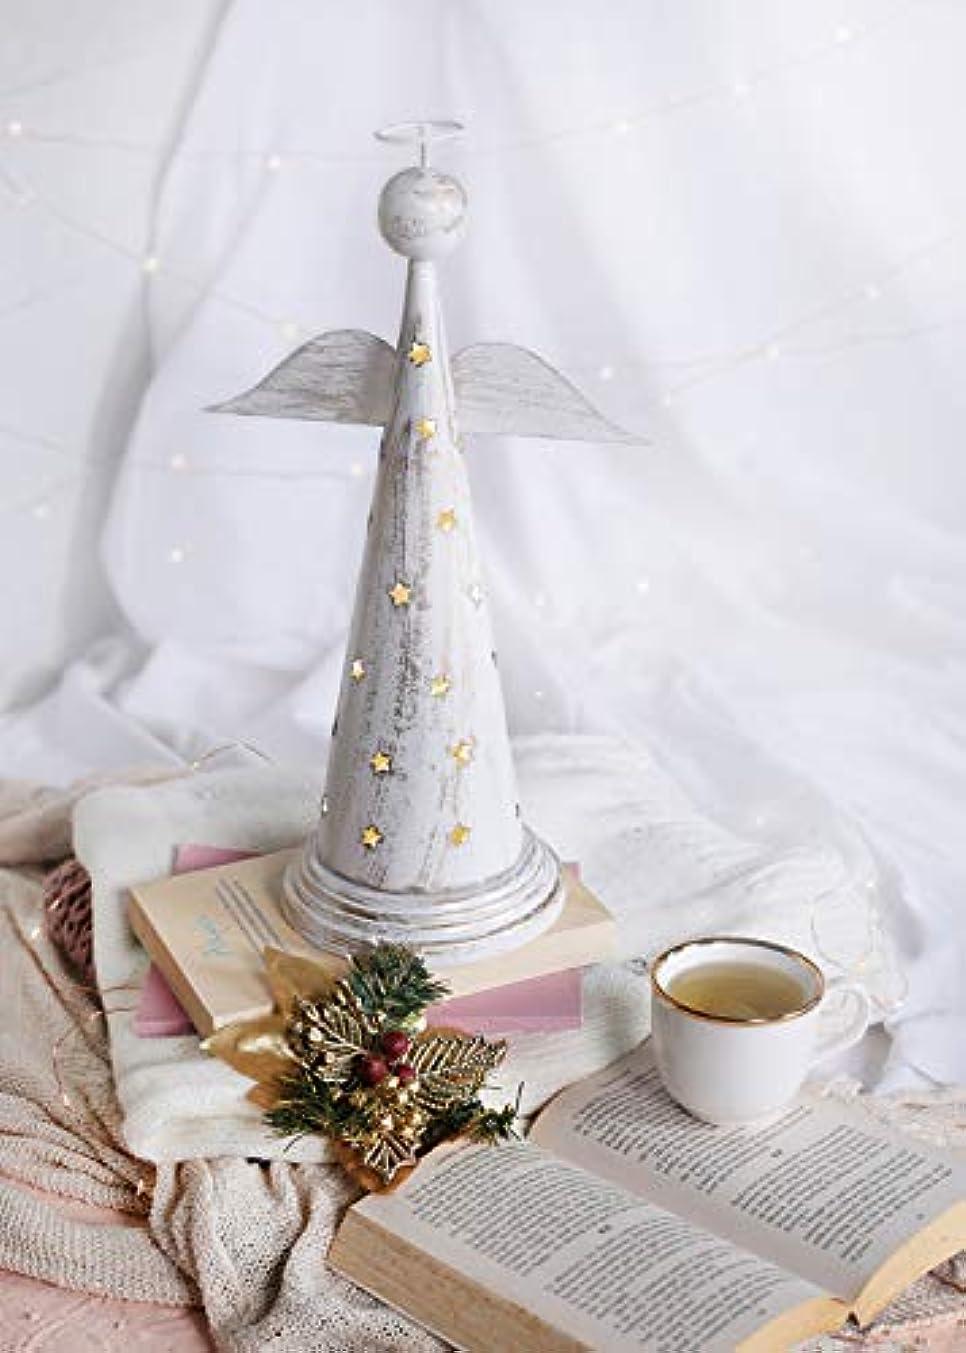 アマチュア悔い改める胆嚢storeindya 感謝祭ギフト 天使の形をした金属製お香塔 クリスマス ホームデコレーション アクセサリーオーナメント 新築祝いのギフトに最適